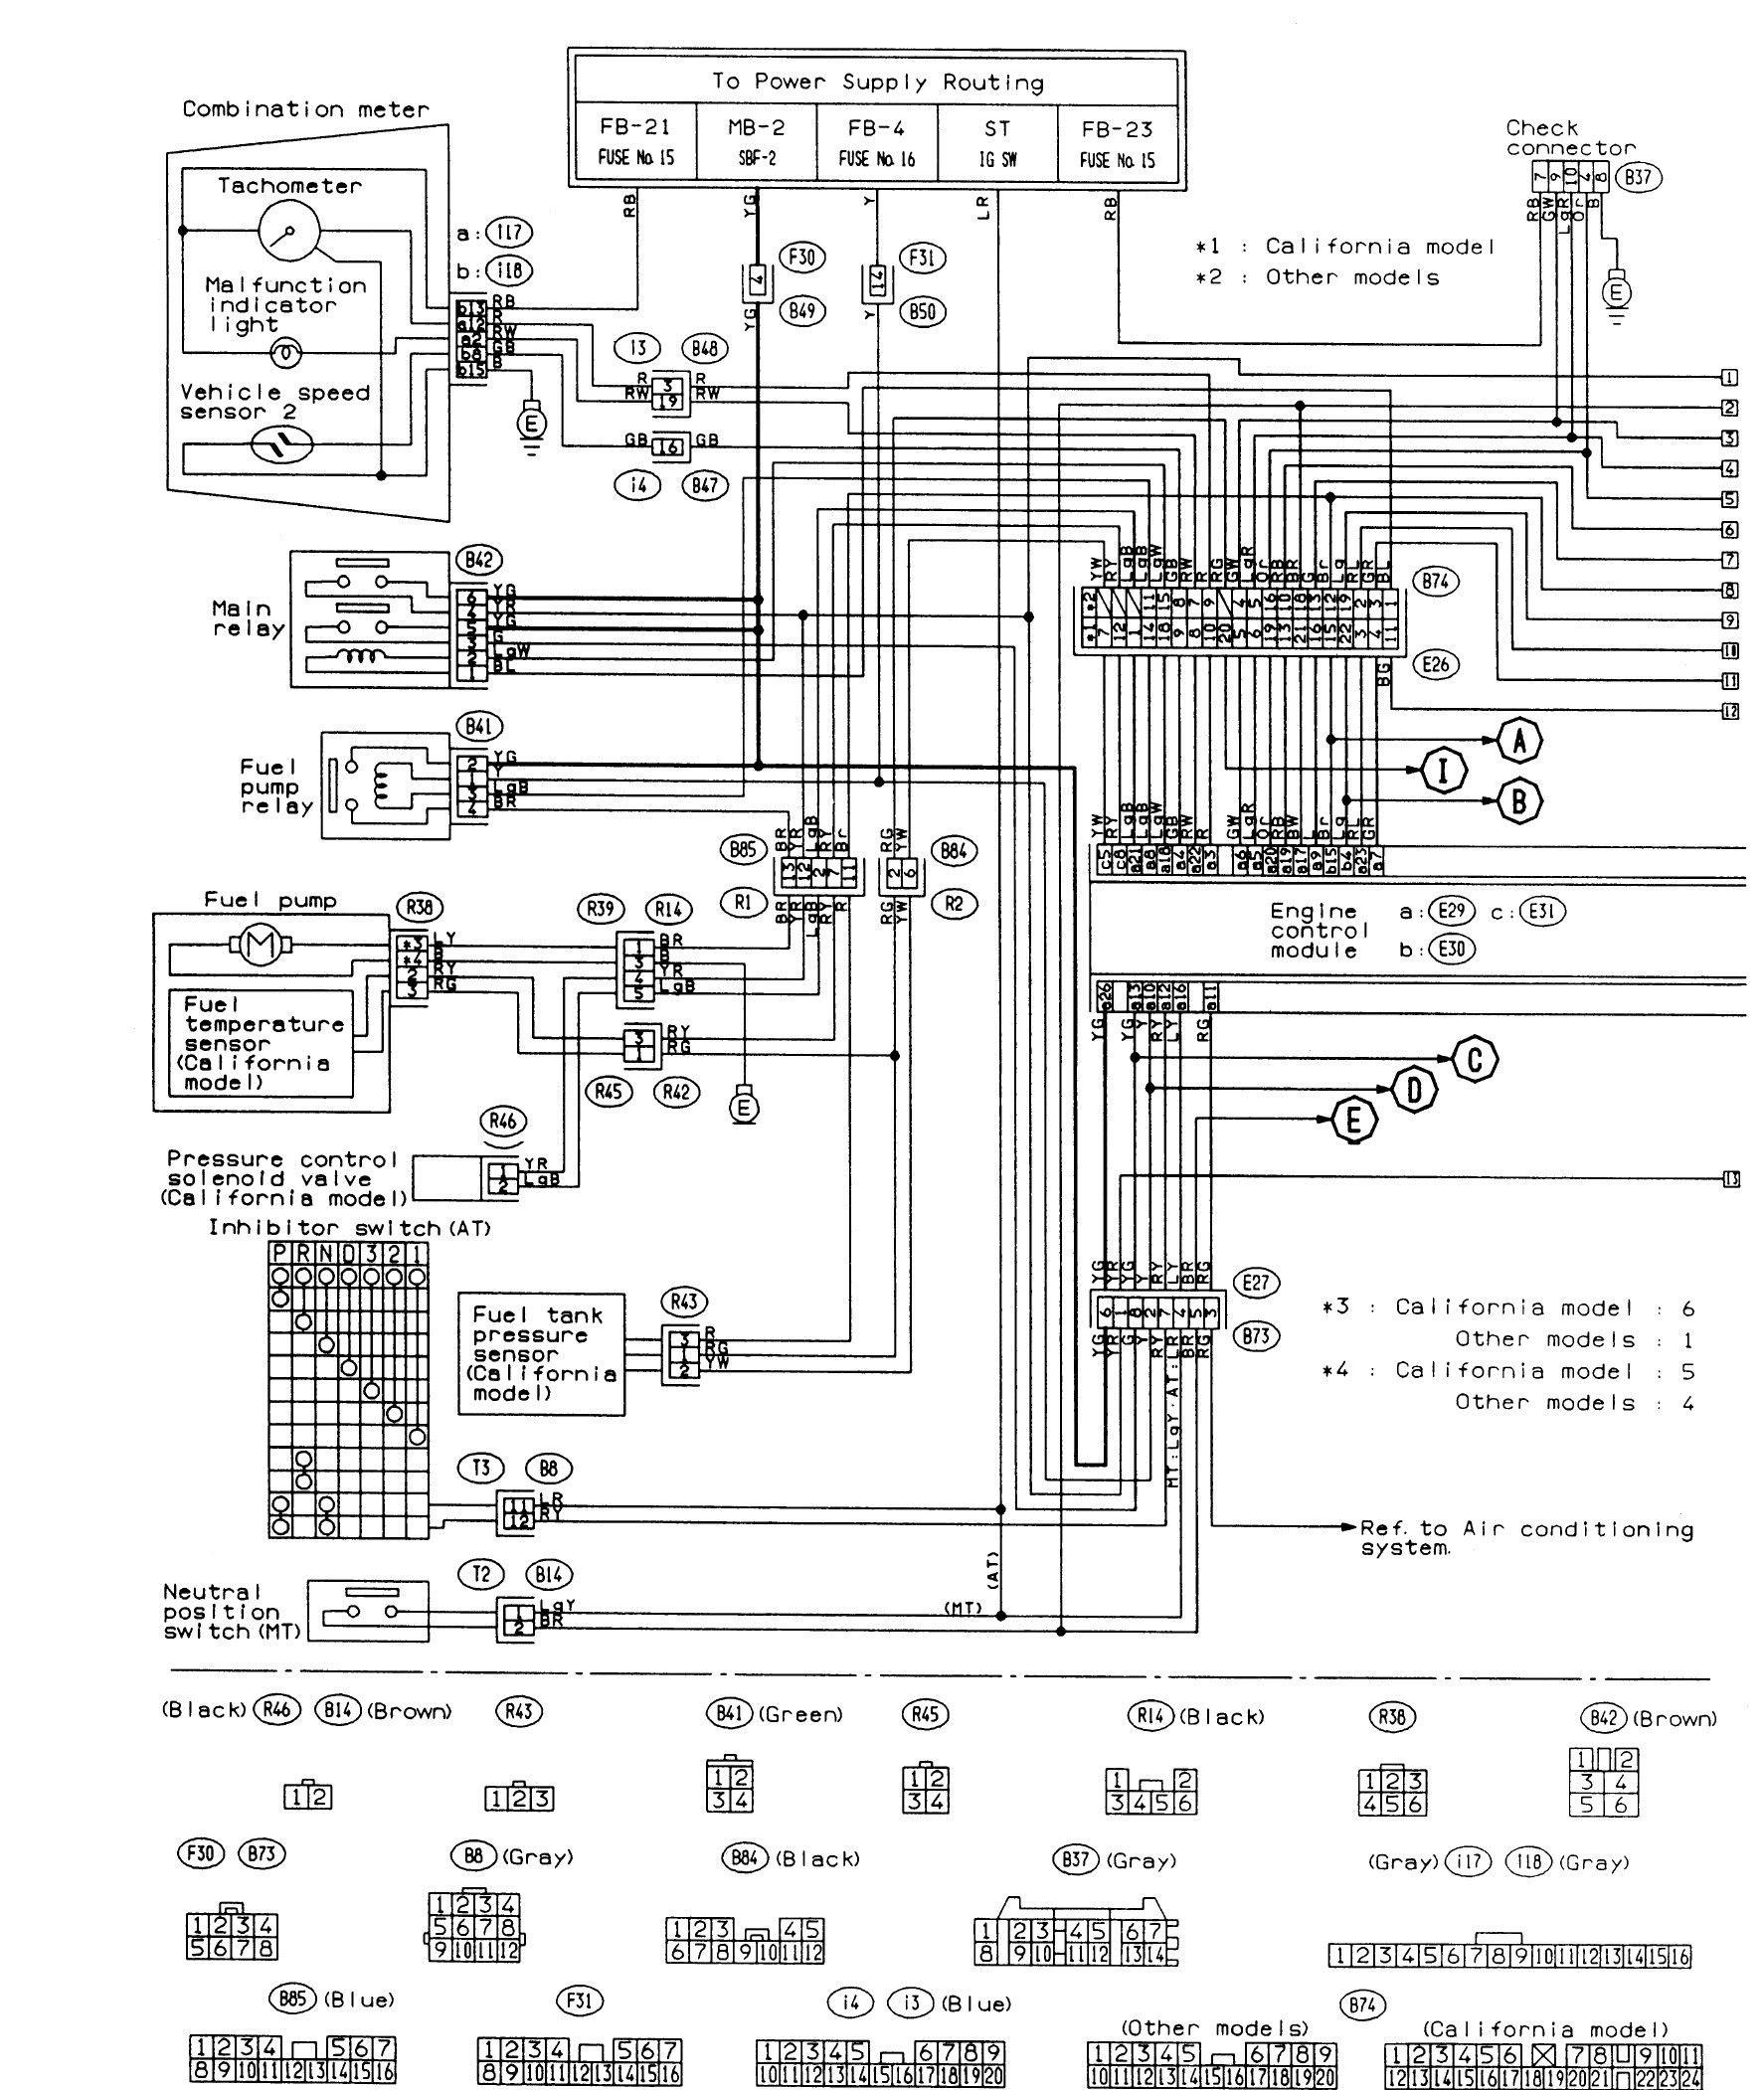 medium resolution of subaru wiring diagram color codes